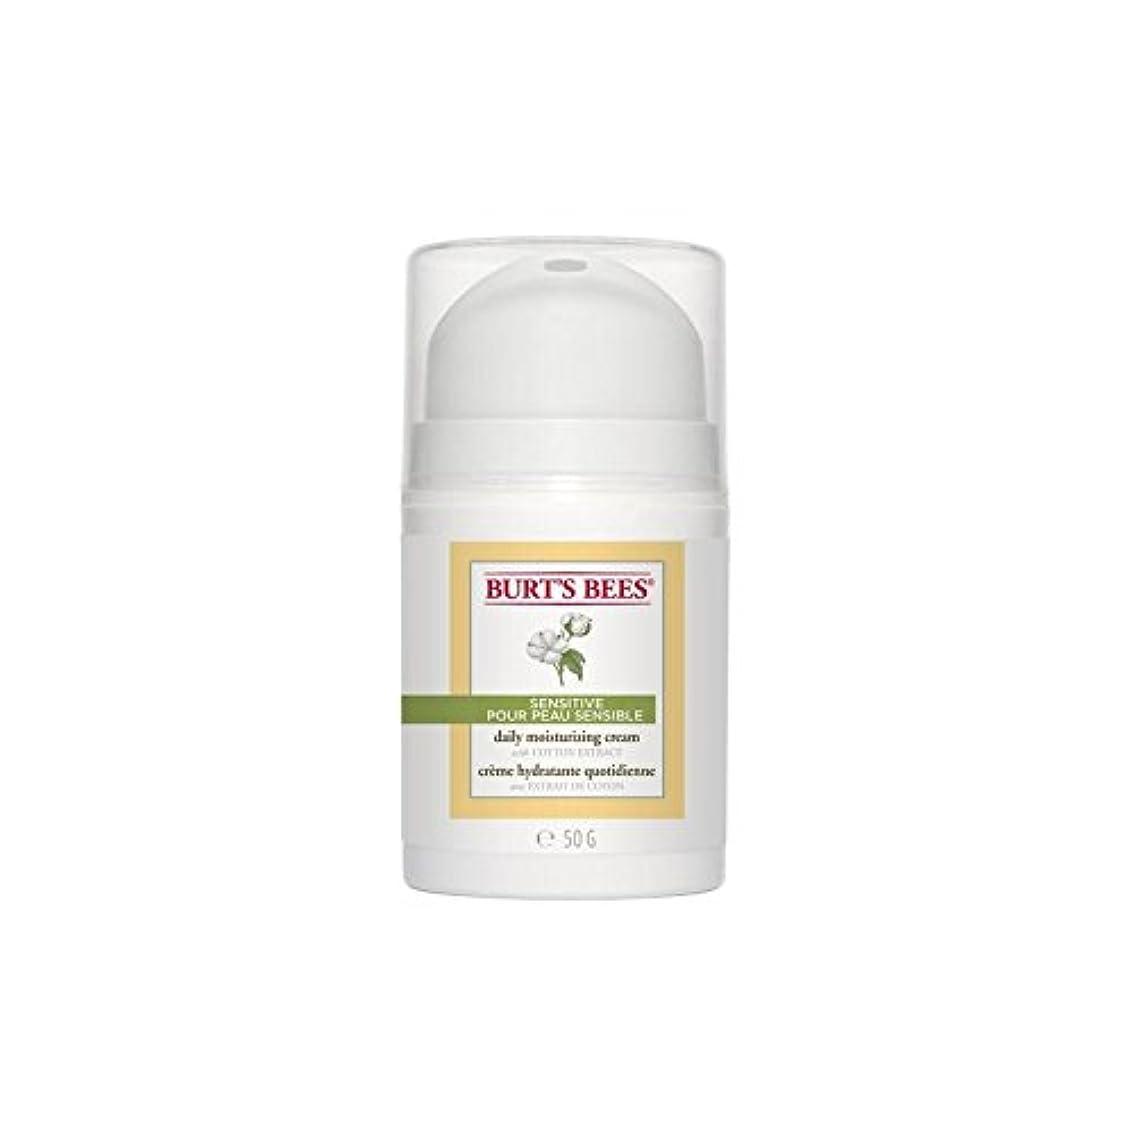 学習満足酸度Burt's Bees Sensitive Daily Moisturising Cream 50G - バーツビー敏感毎日保湿クリーム50グラム [並行輸入品]